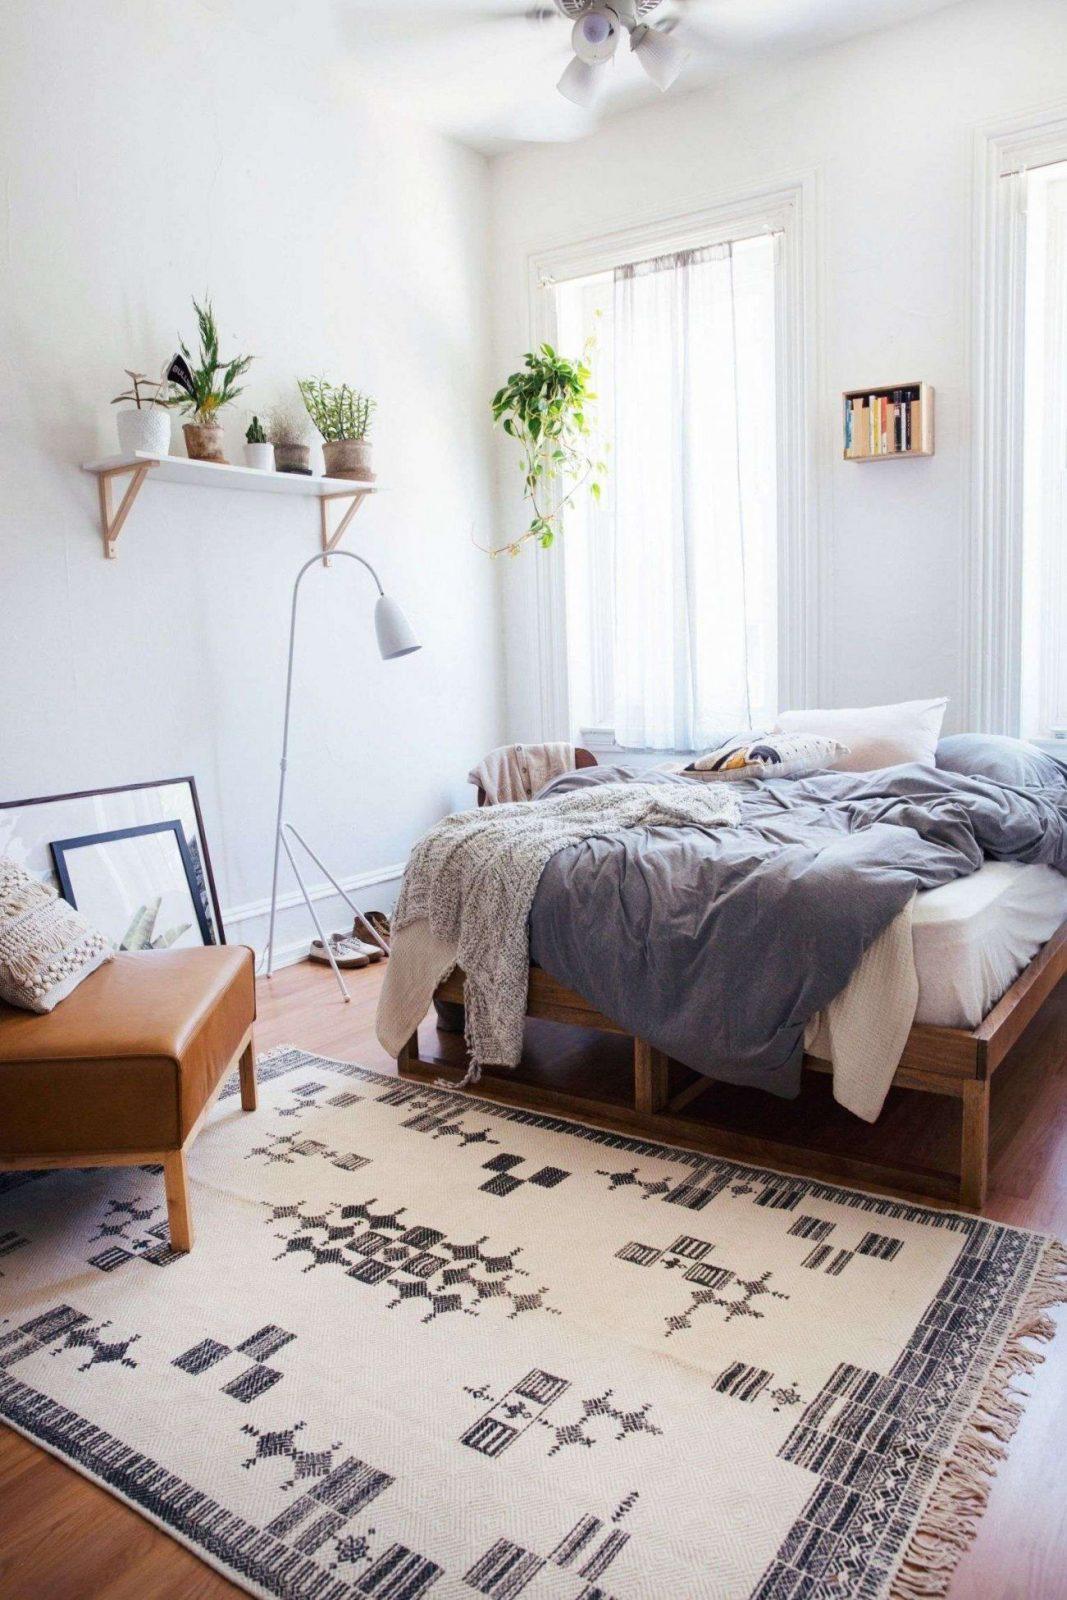 Kleines Schlafzimmer Einrichten Ideen Design Von Schlafzimmer Ideen von Zimmer Einrichten Ideen Ikea Bild